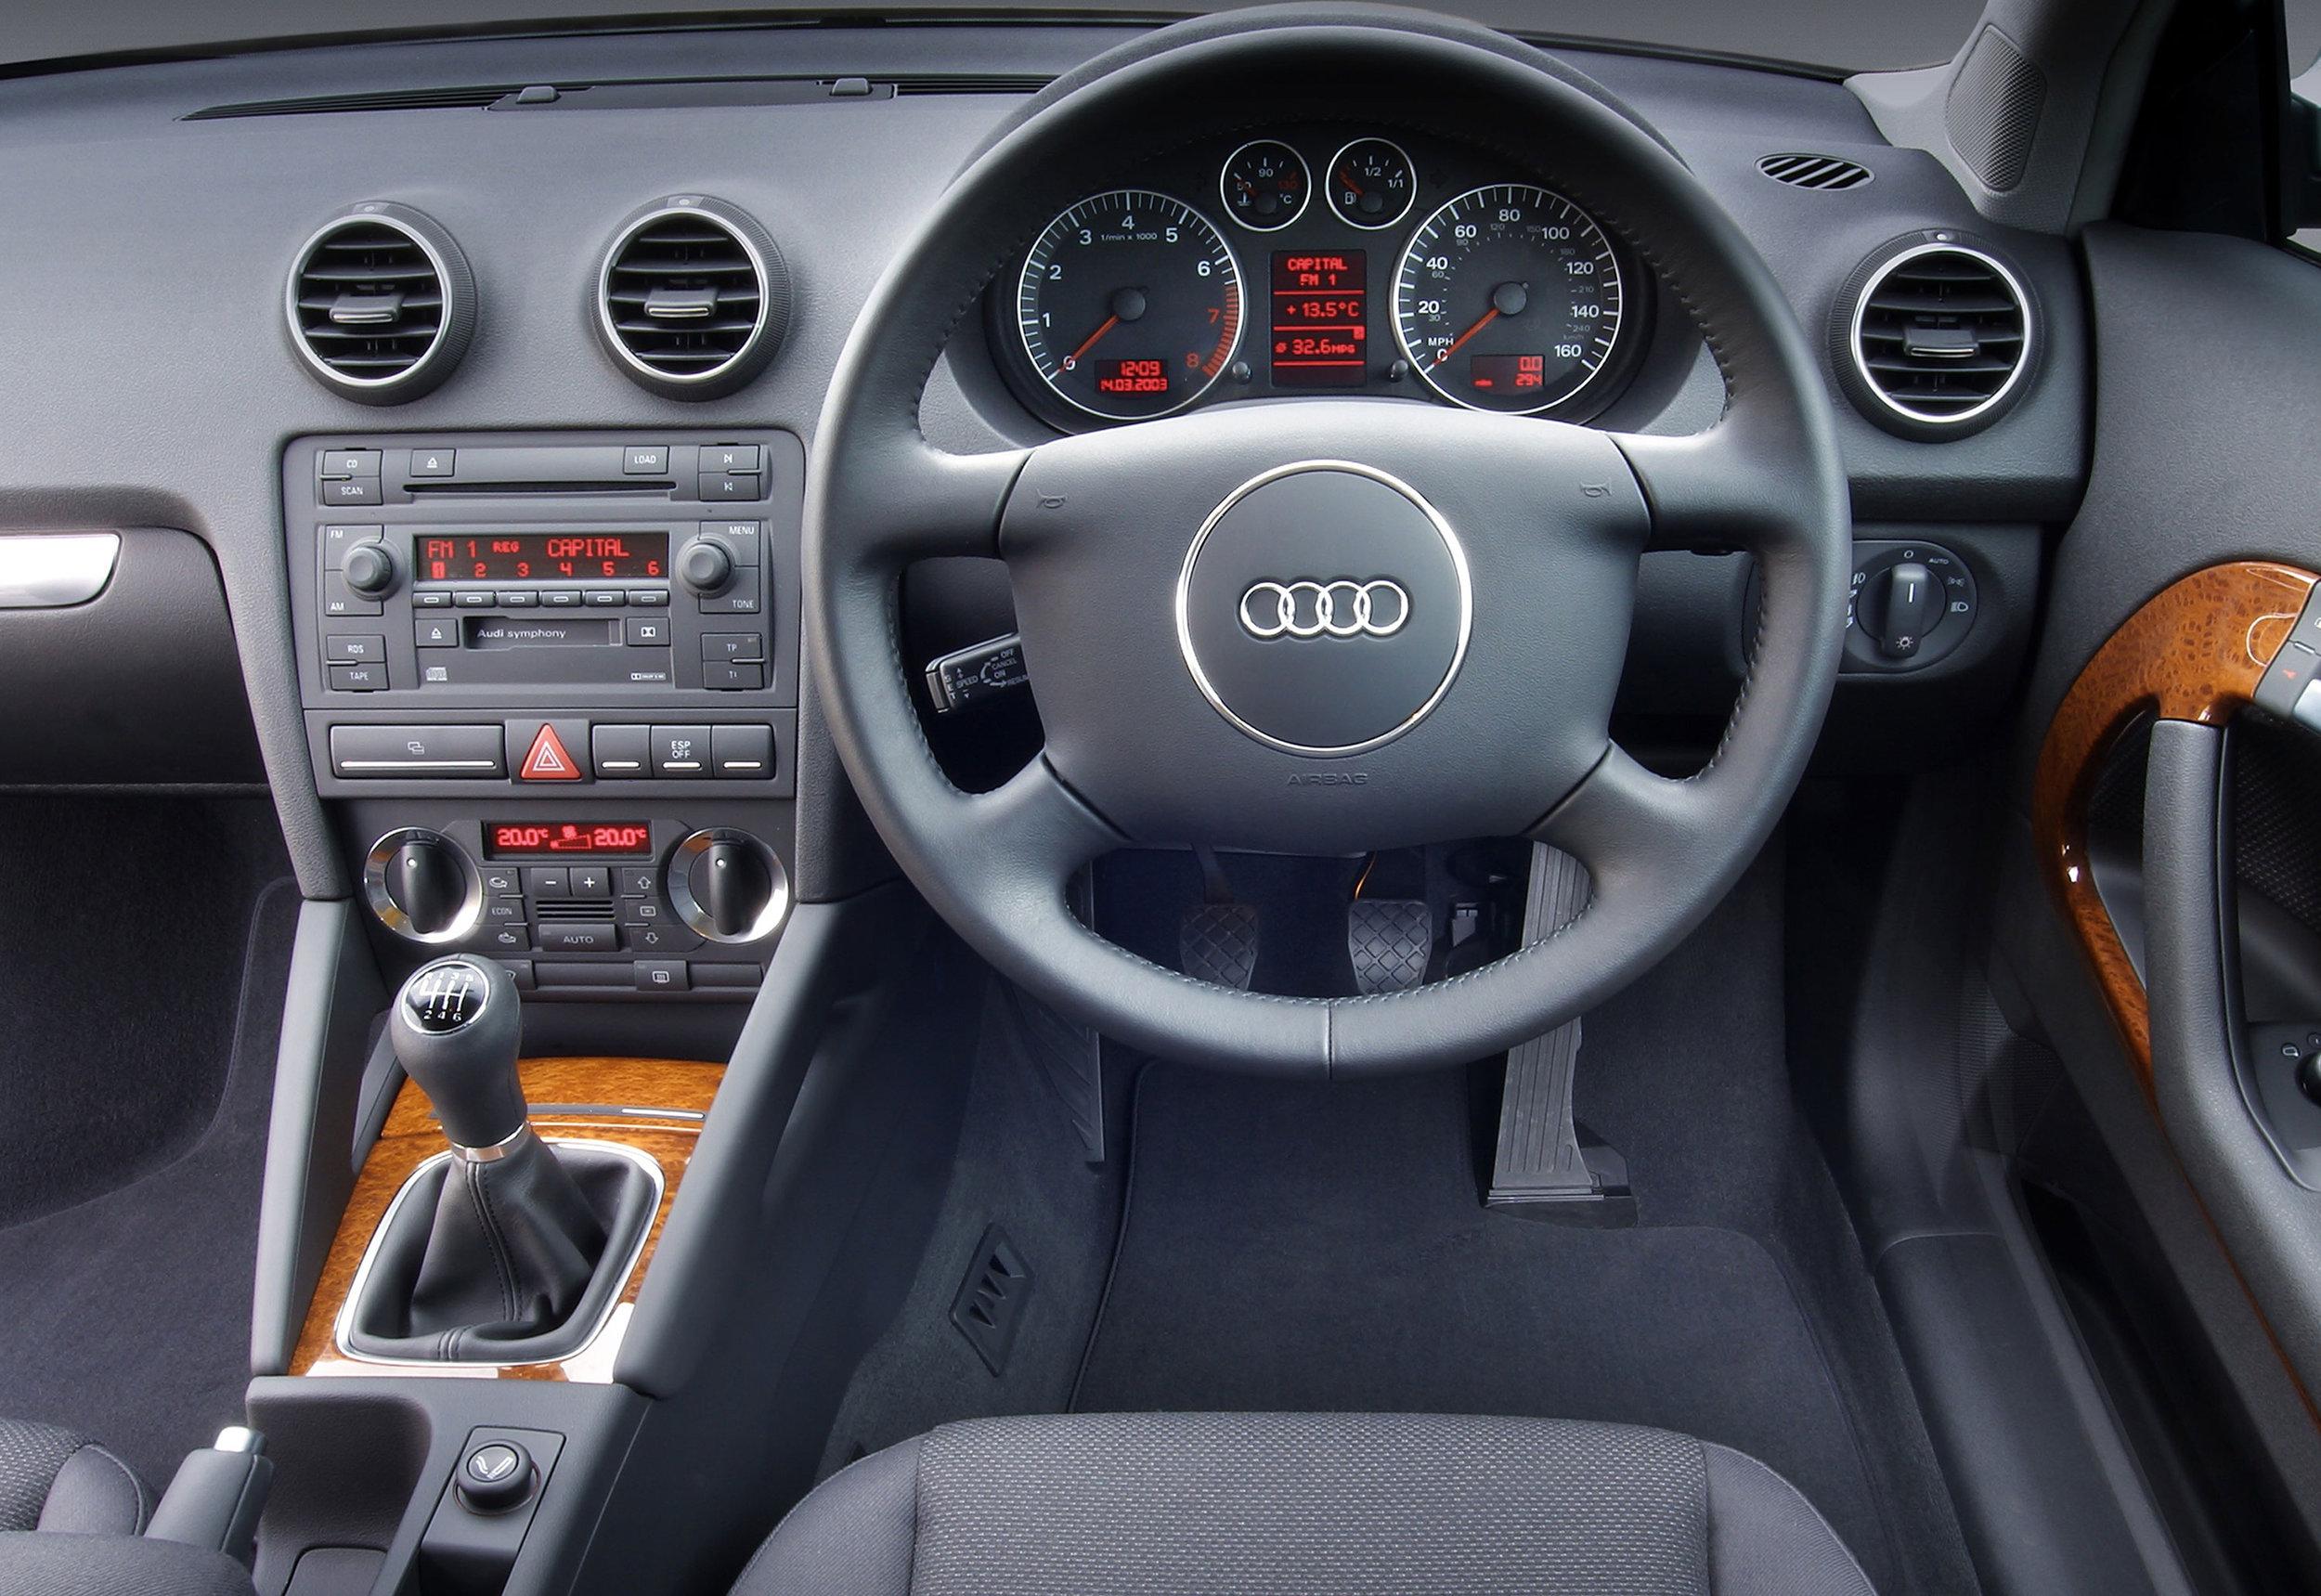 Audi A3 Mk2-11.jpg